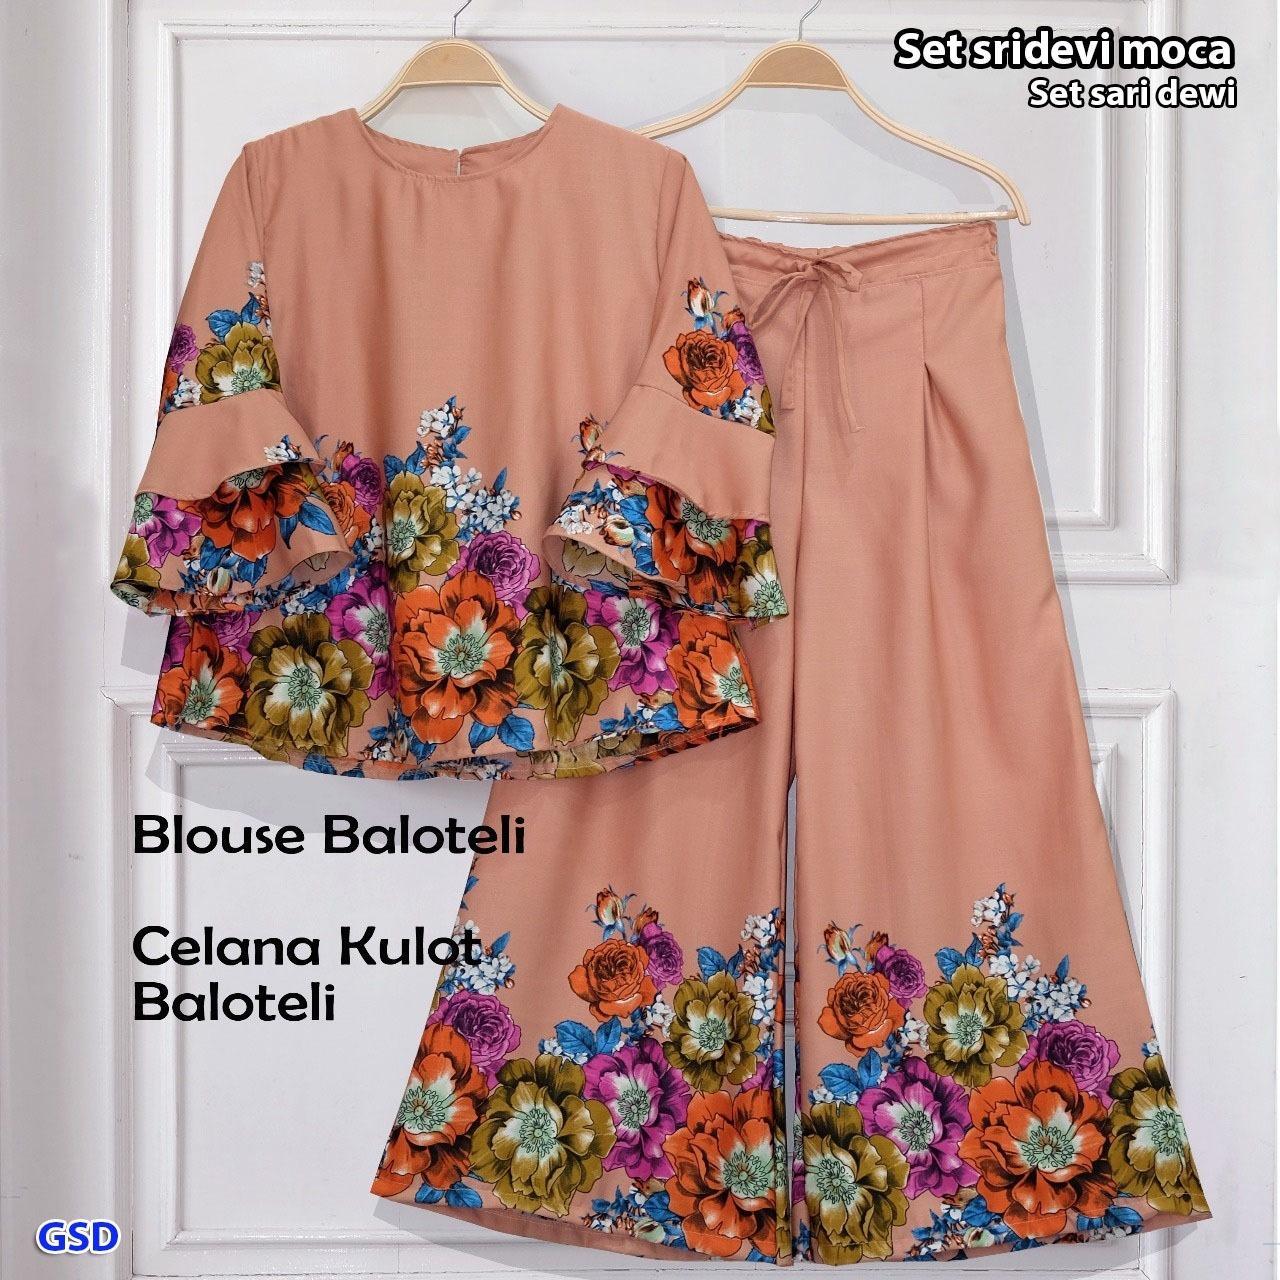 GSD - Baju Wanita / Celana Kulot / Baju Atasan / Blouse Wanita / Setelan Wanita / St Sari Dewi